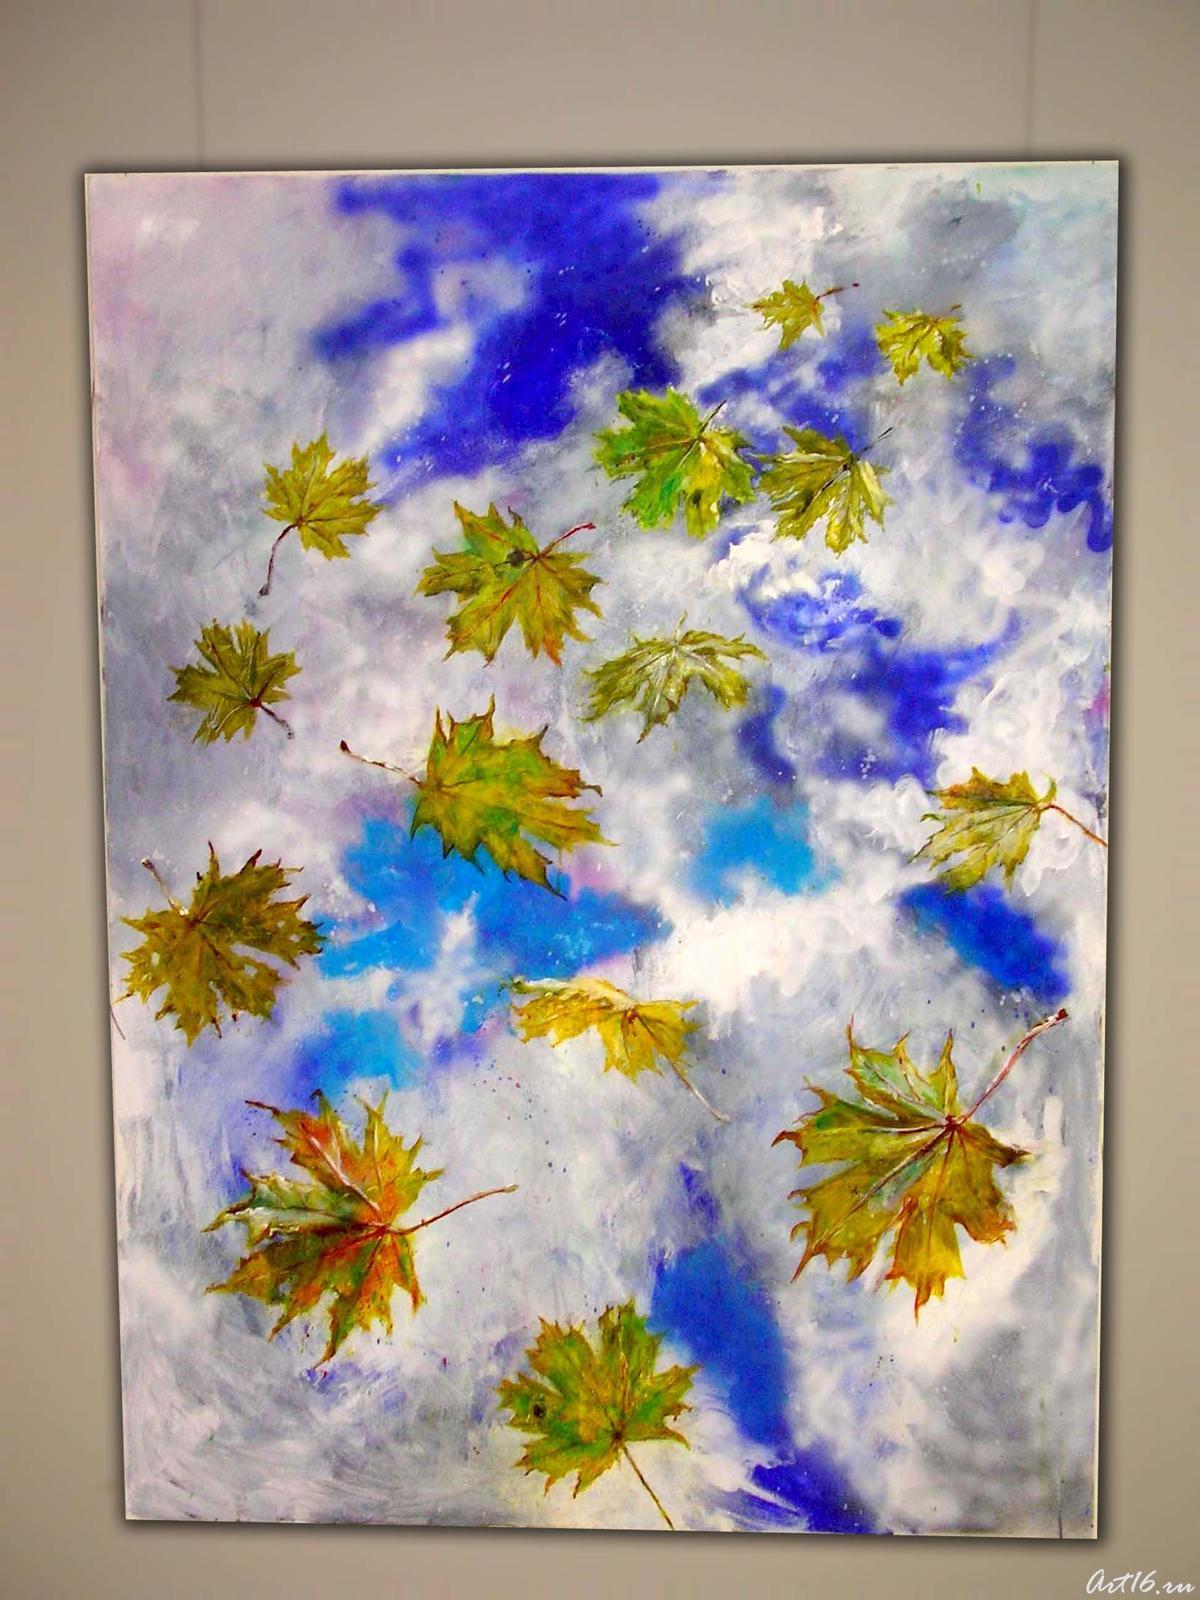 Фото №2403. Падающие листья. 2007. Лысяков В.Н.